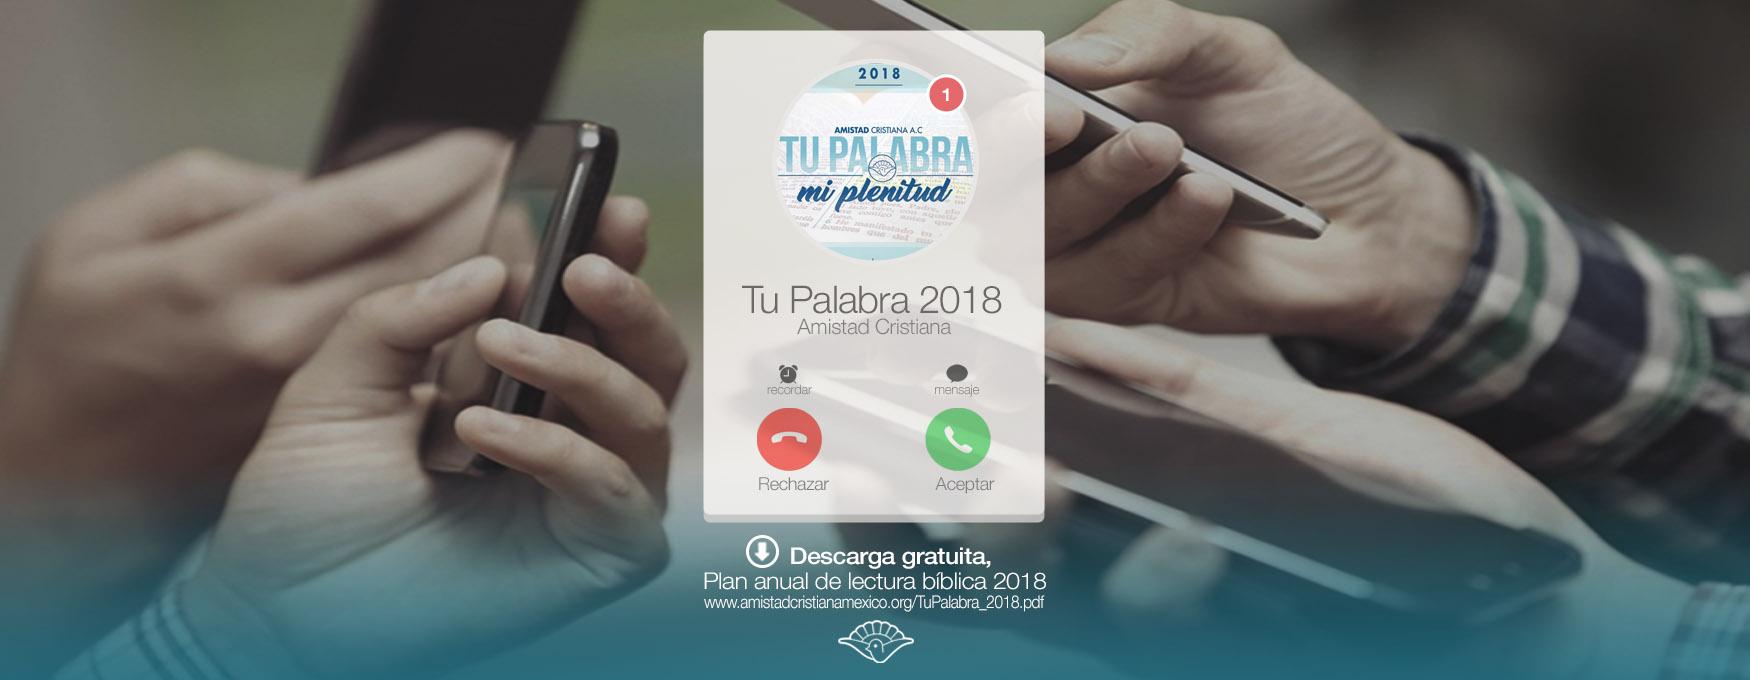 01-Tu-Palabra-mi-plenitud-2018-slide-web-AC